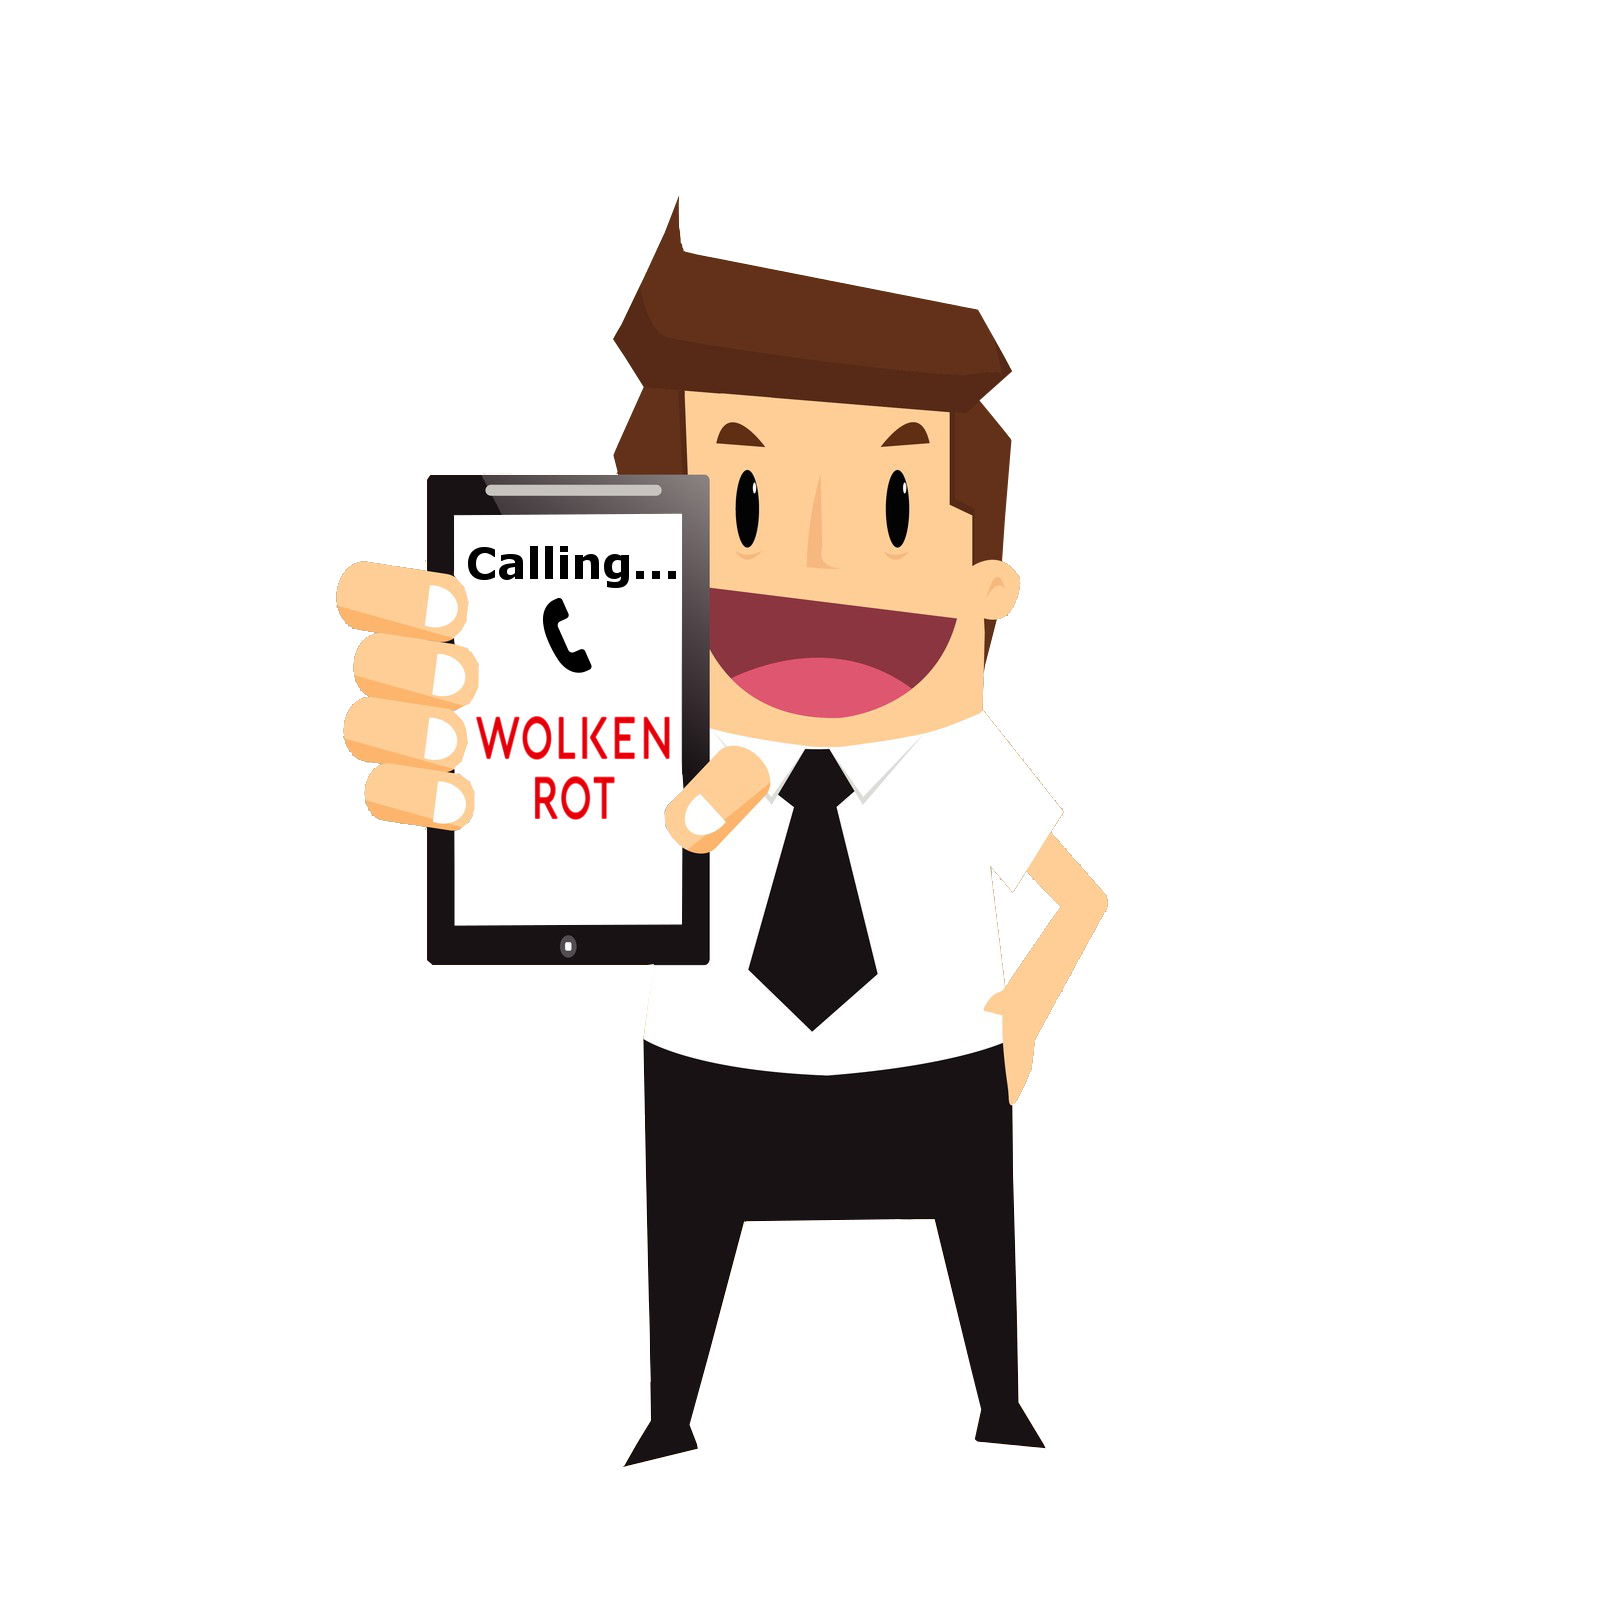 Cartoon-Mann mit Handy in der Hand mit Text darauf: Calling Wolkenrot